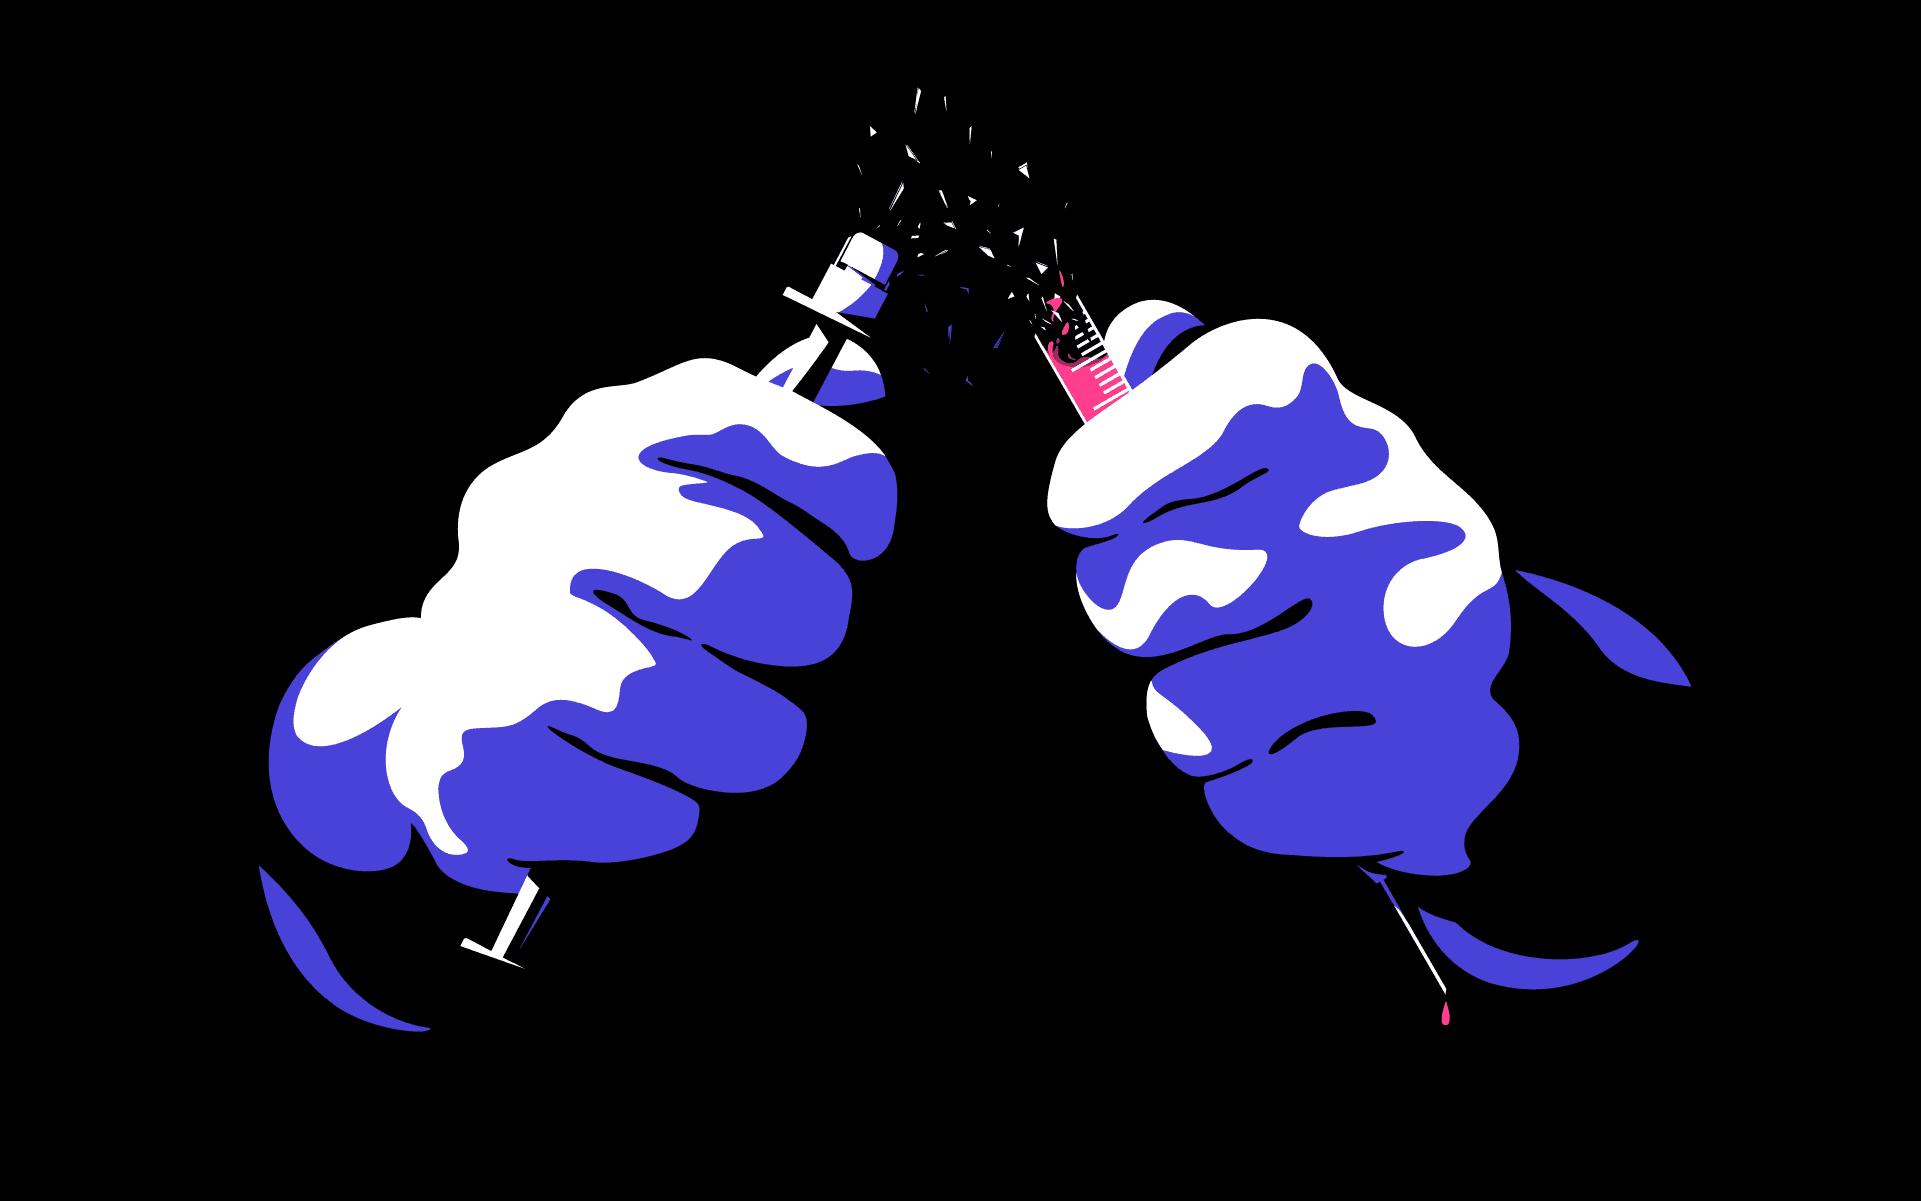 Graafisesti toteutettu kuvituskuva, jossa nyrkkiin puristuneet kädet taittavat rokotuspiikin kahtia kuin lyijykynän. Sirpaleita lentää ilmaan.